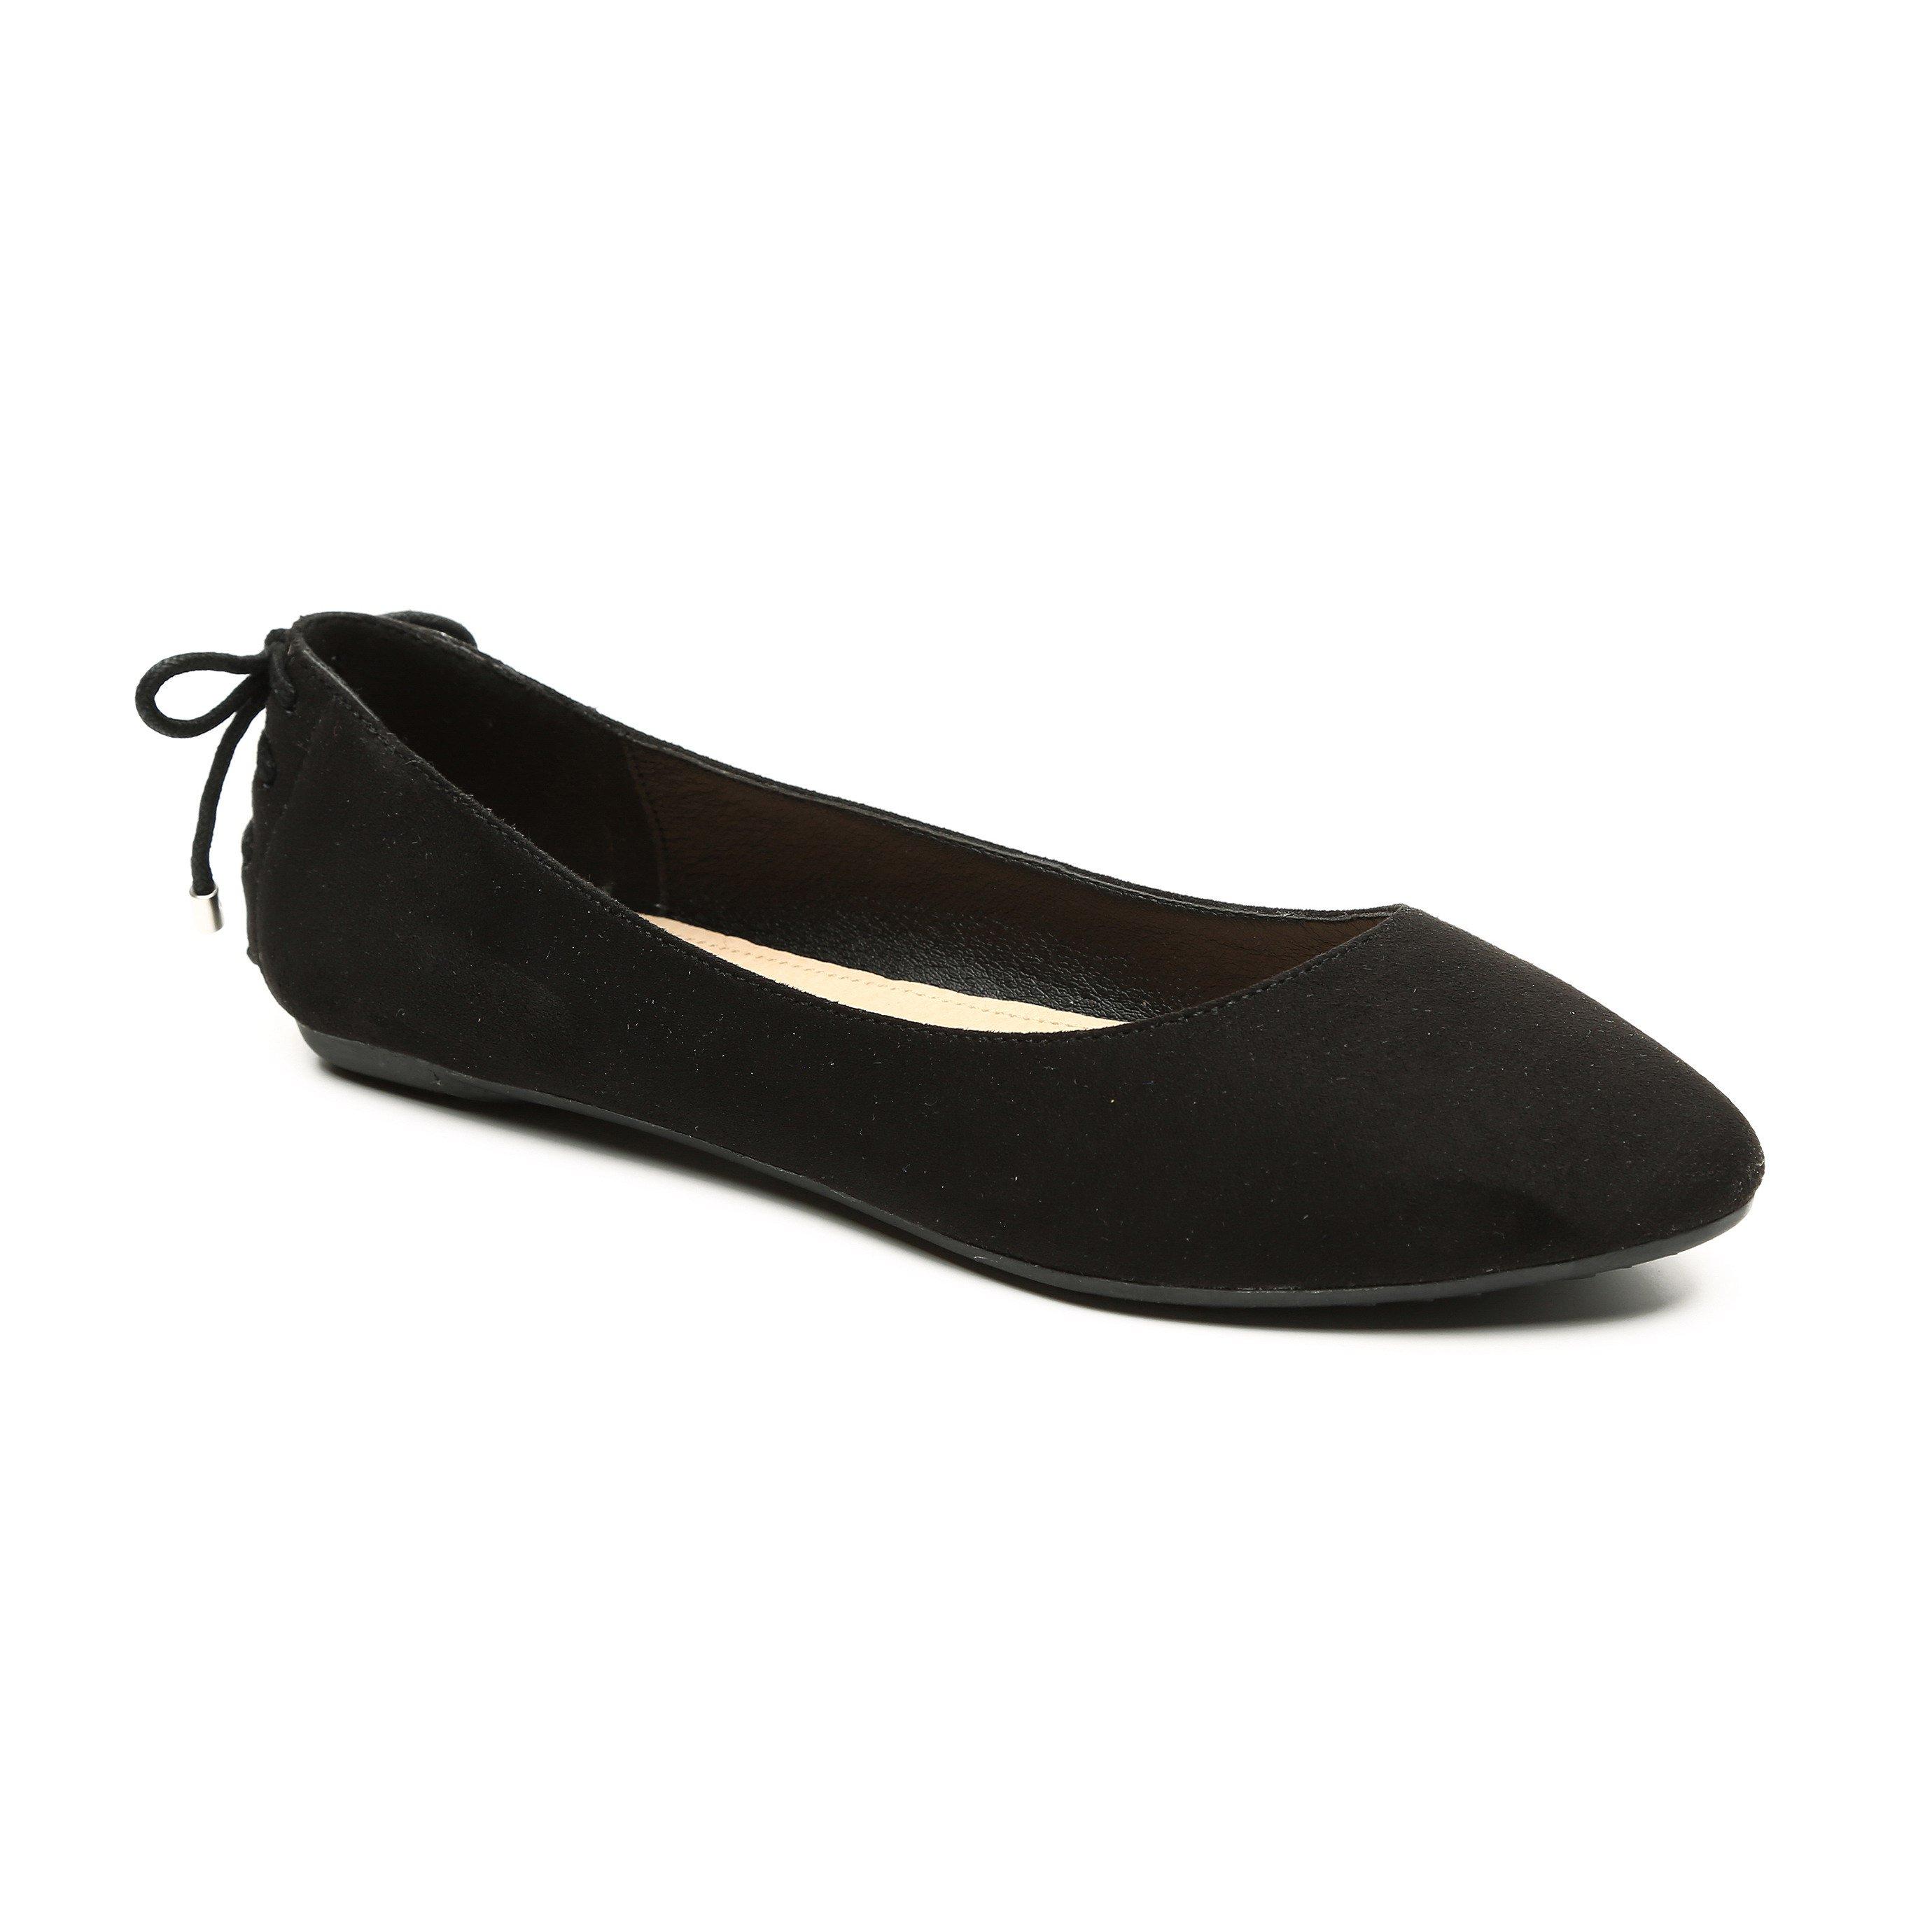 Seventy Nine - נעלי בלרינה במראה קטיפה בצבע שחור בשילוב שרוך אחורי